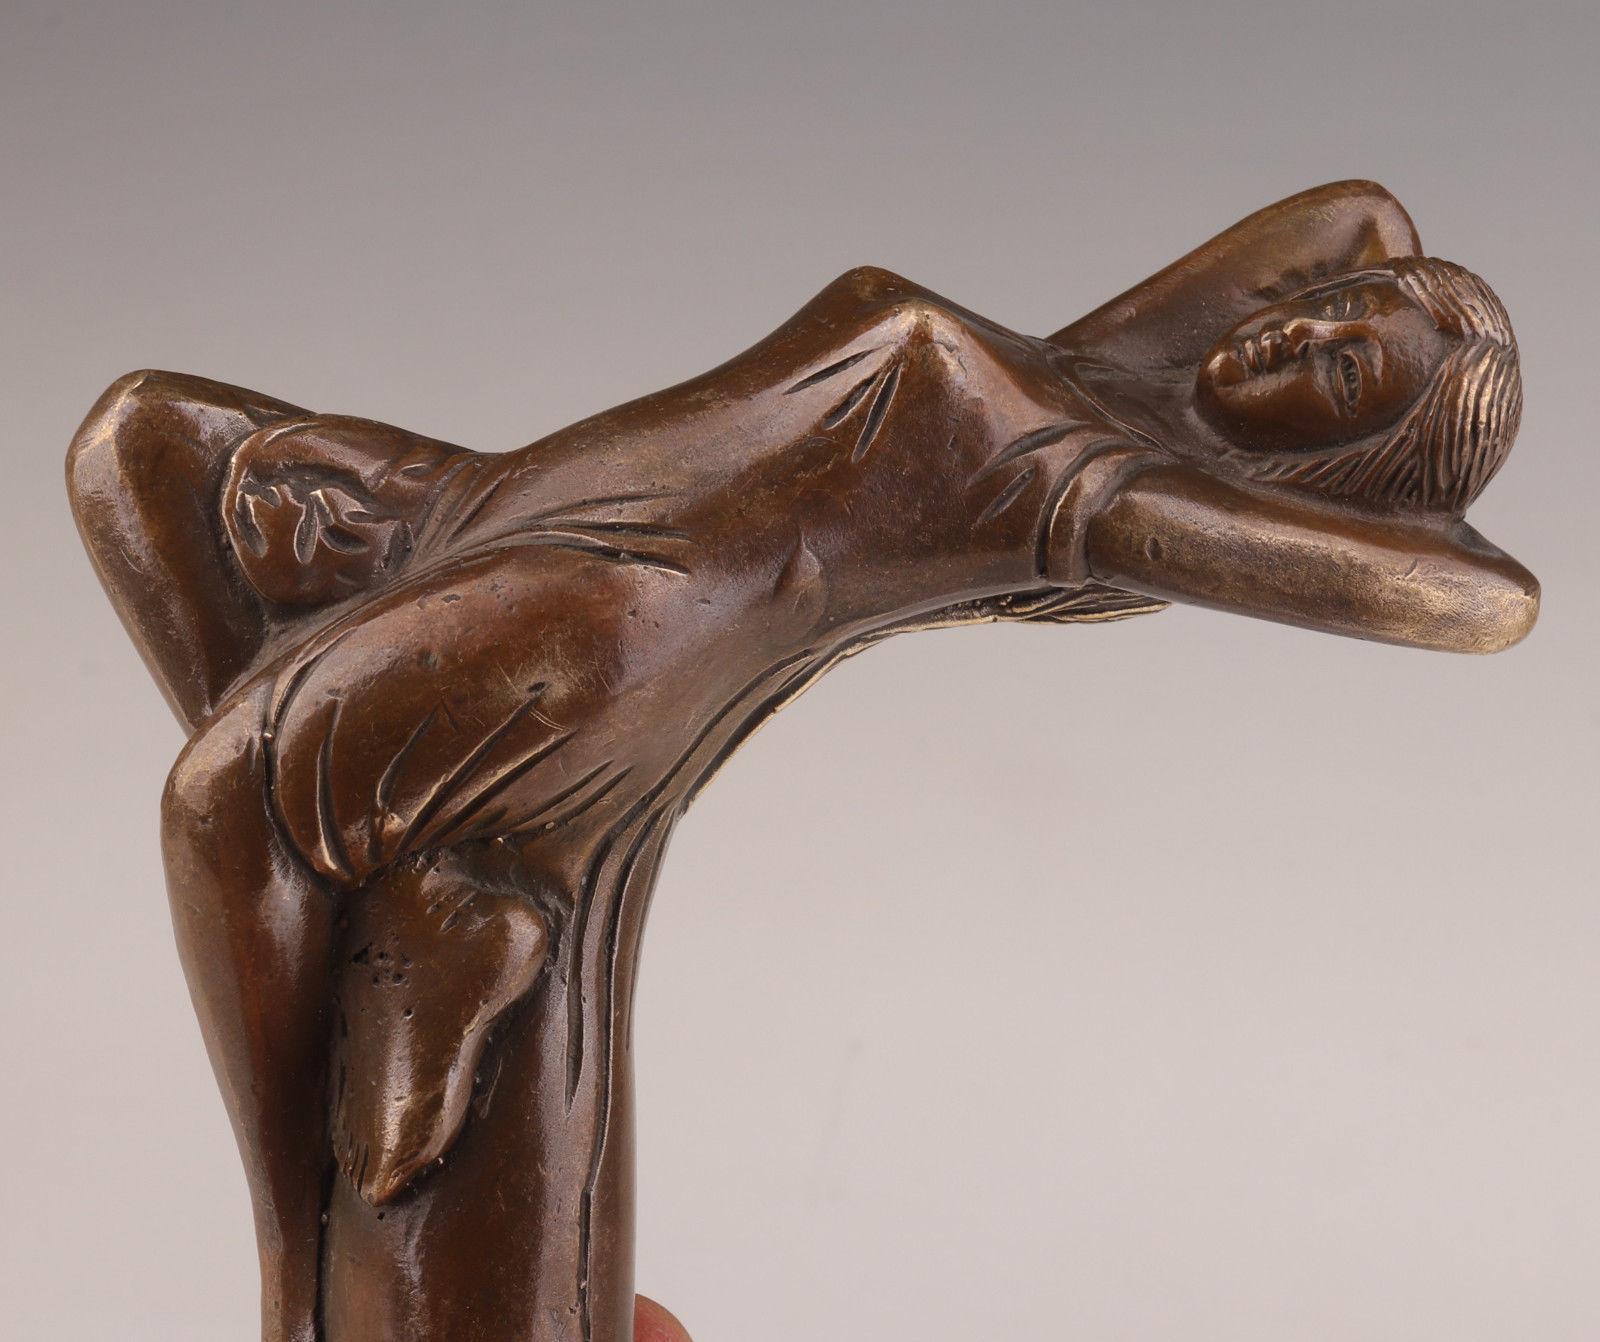 Трость-трость-голова-бронза-литье-женщина-Статуя-аксессуары-коллекционный WA